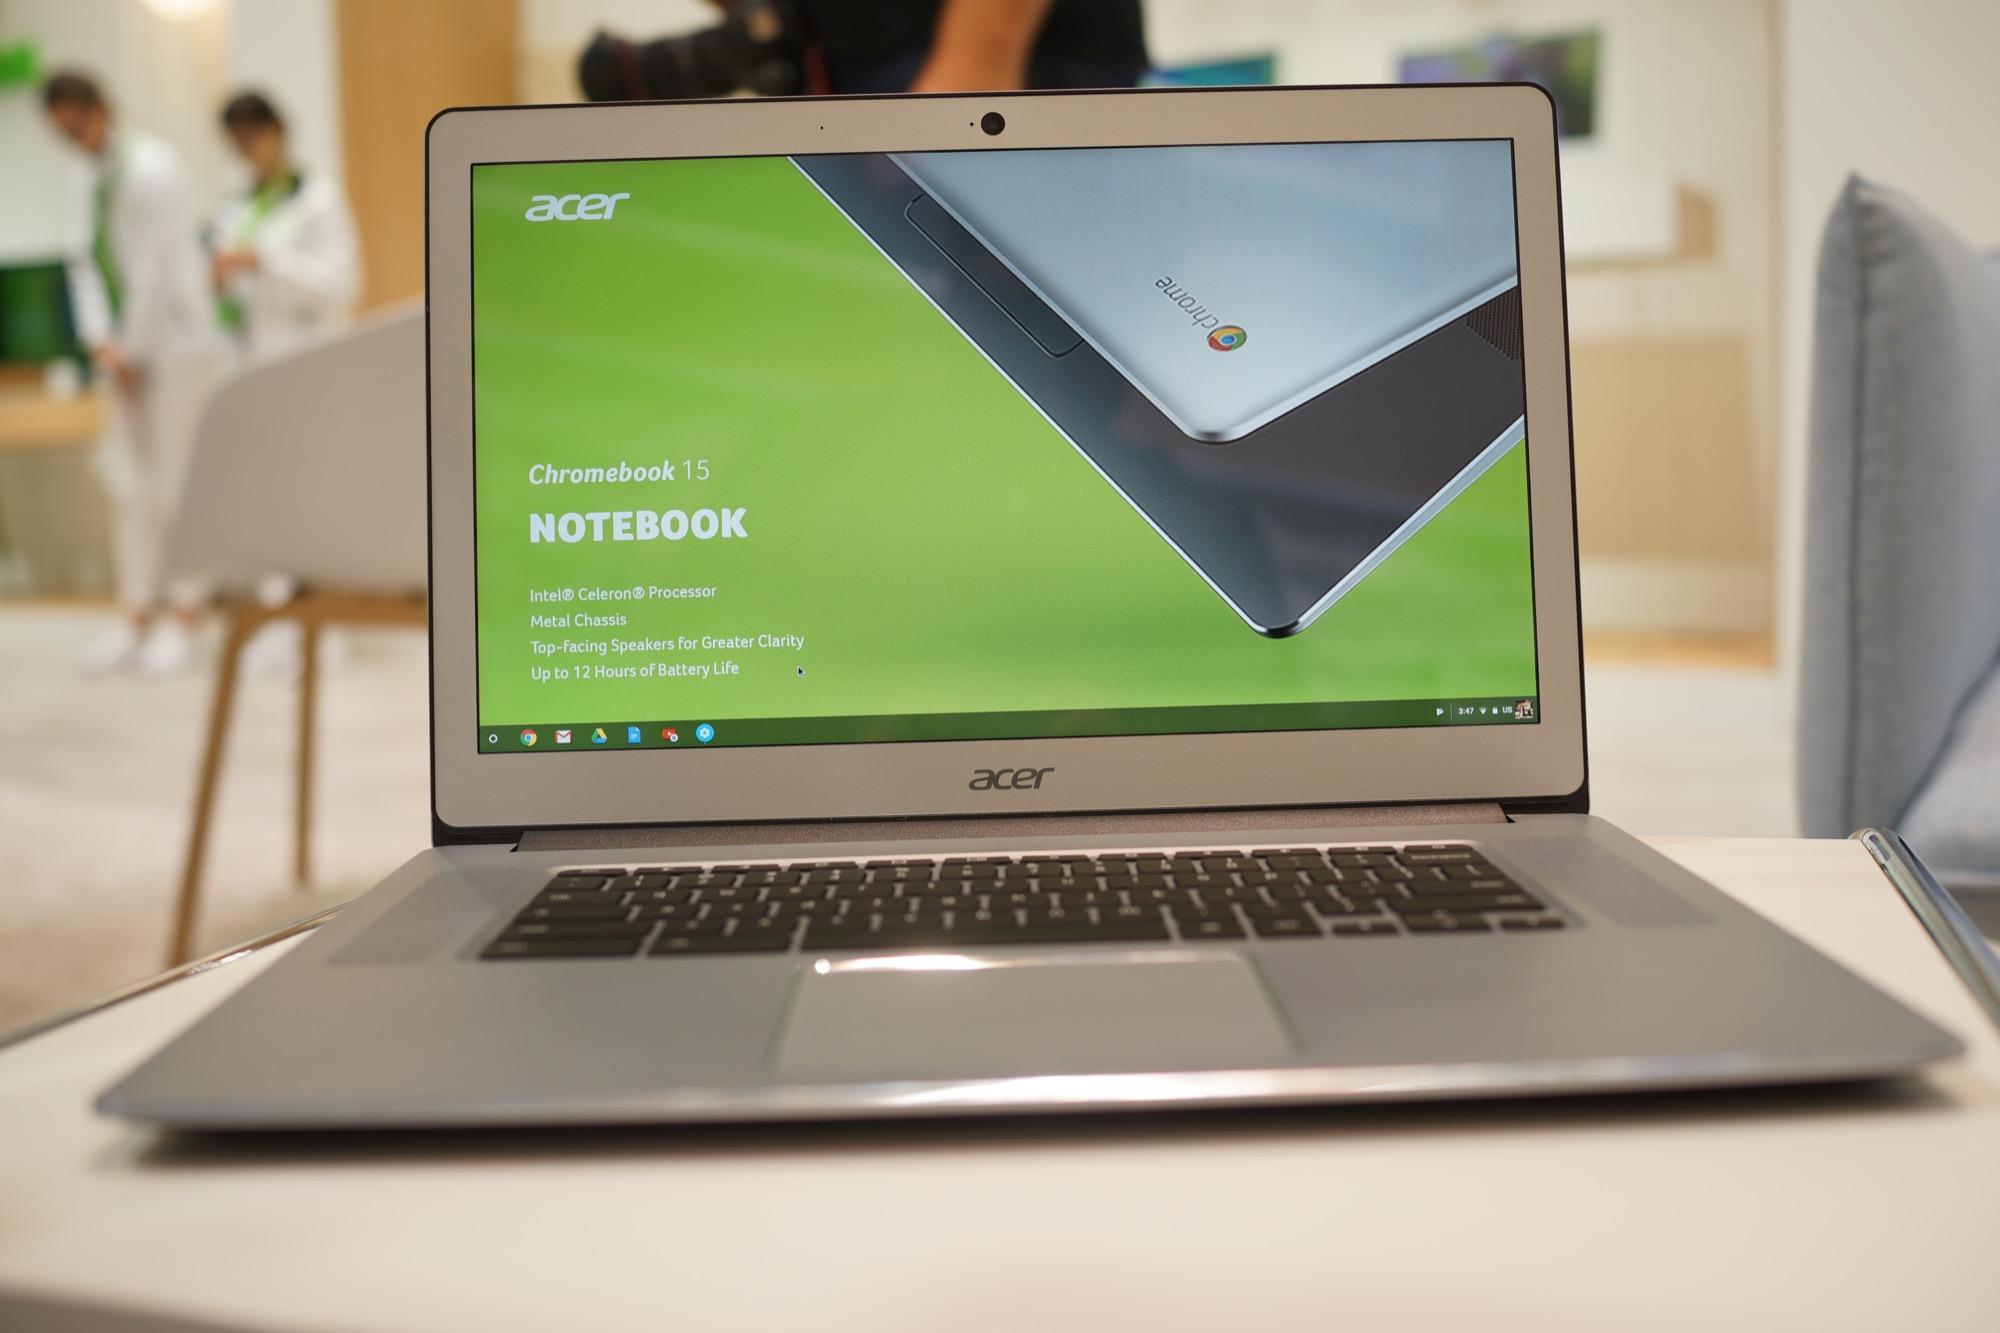 Découverte de l'Acer Chromebook 15 2017, enfin du nouveau côté Chrome OS